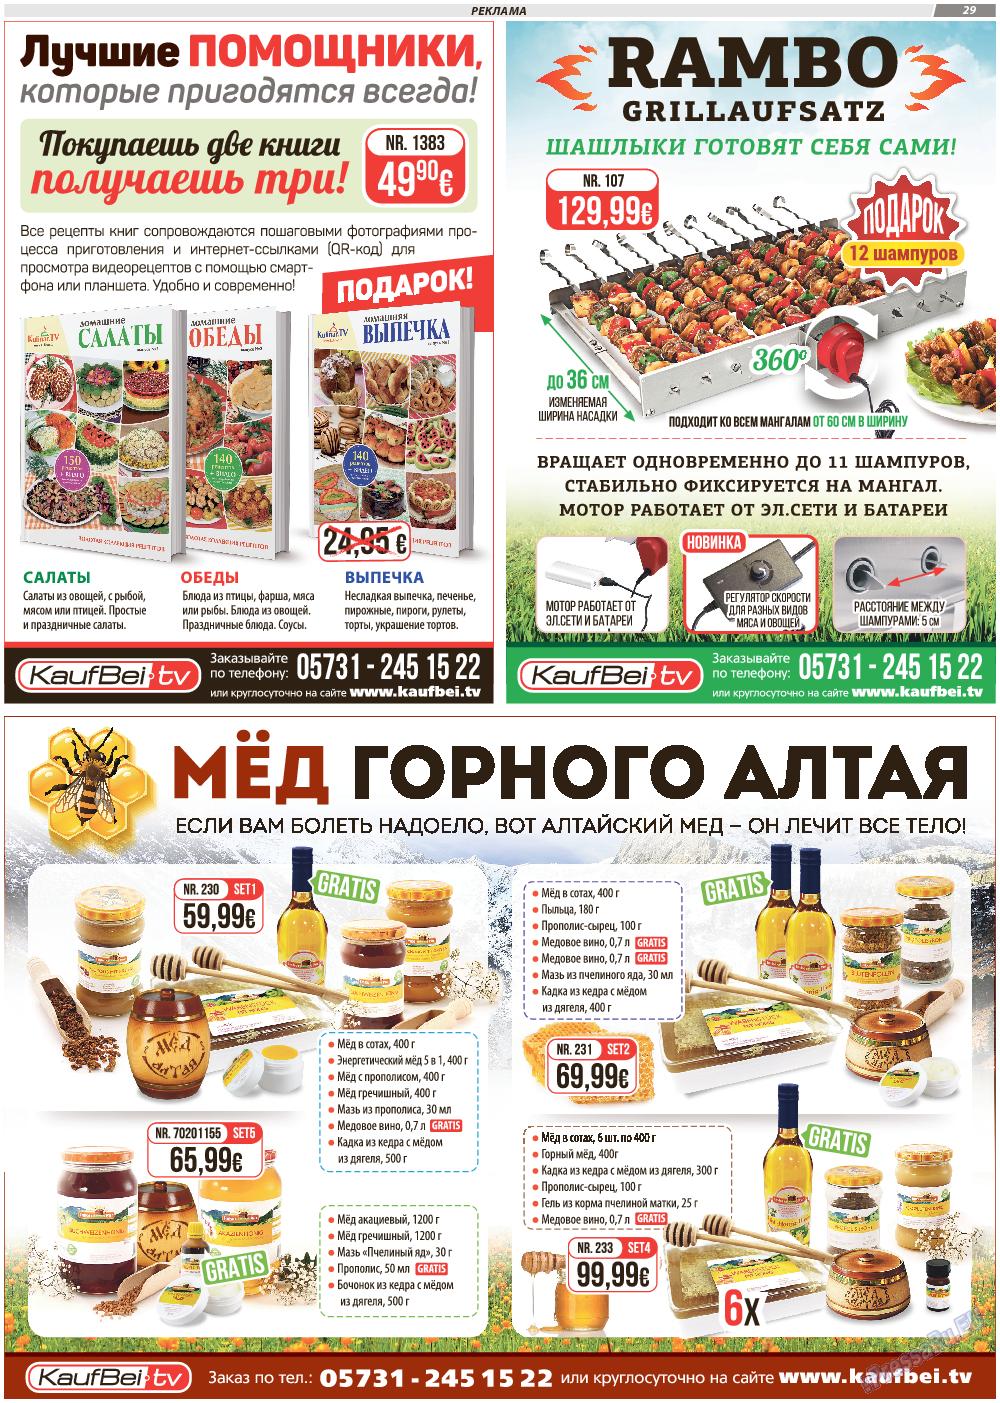 TVrus (газета). 2018 год, номер 11, стр. 29